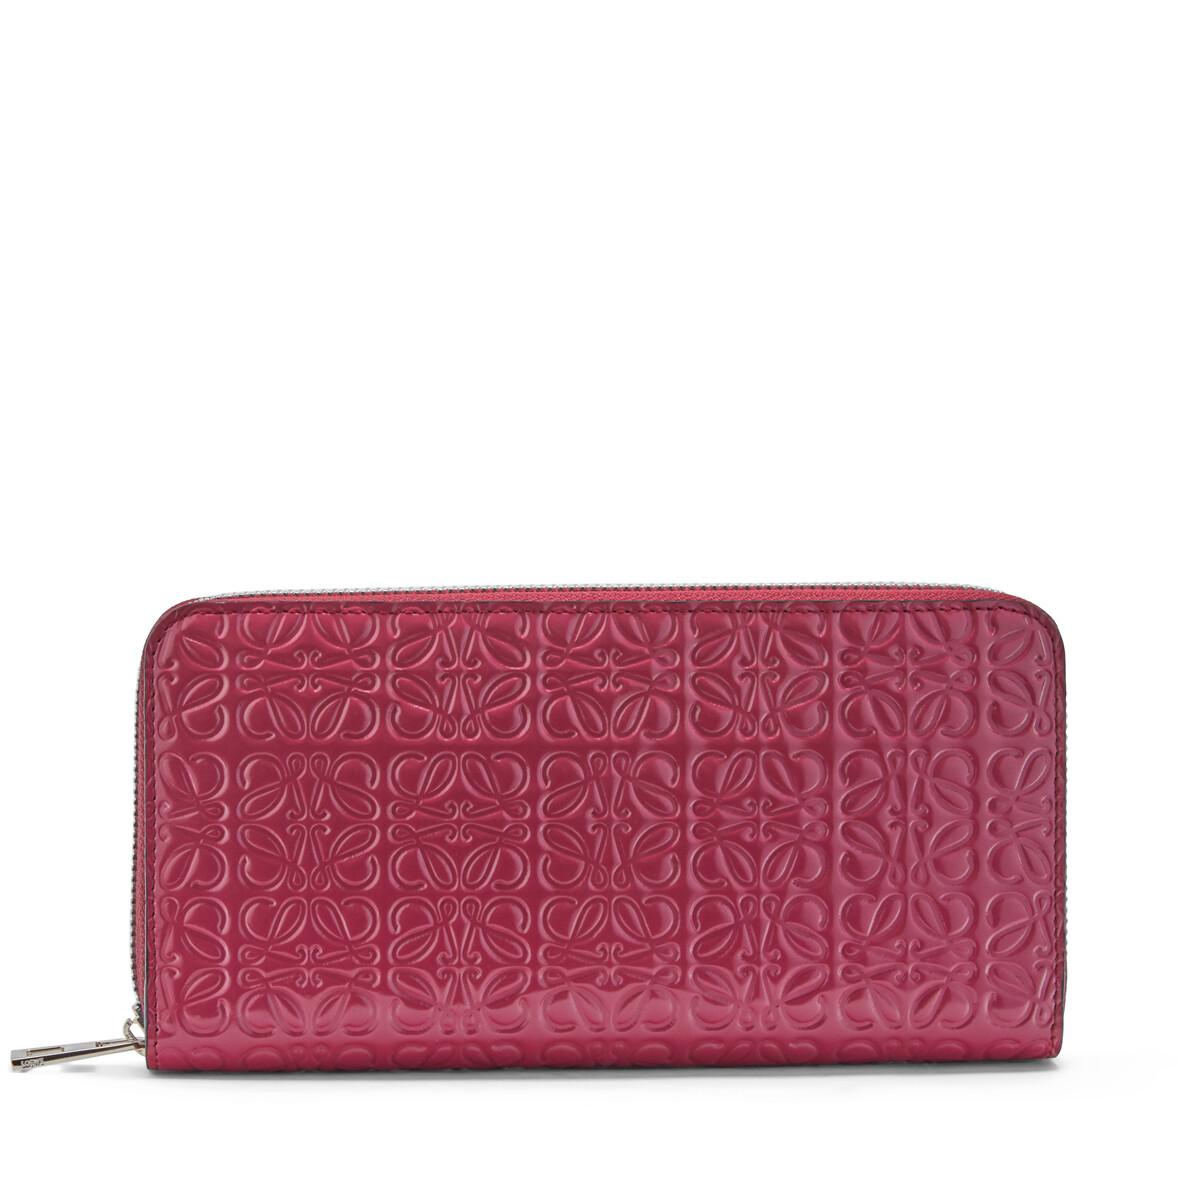 LOEWE Zip Around Wallet Raspberry front